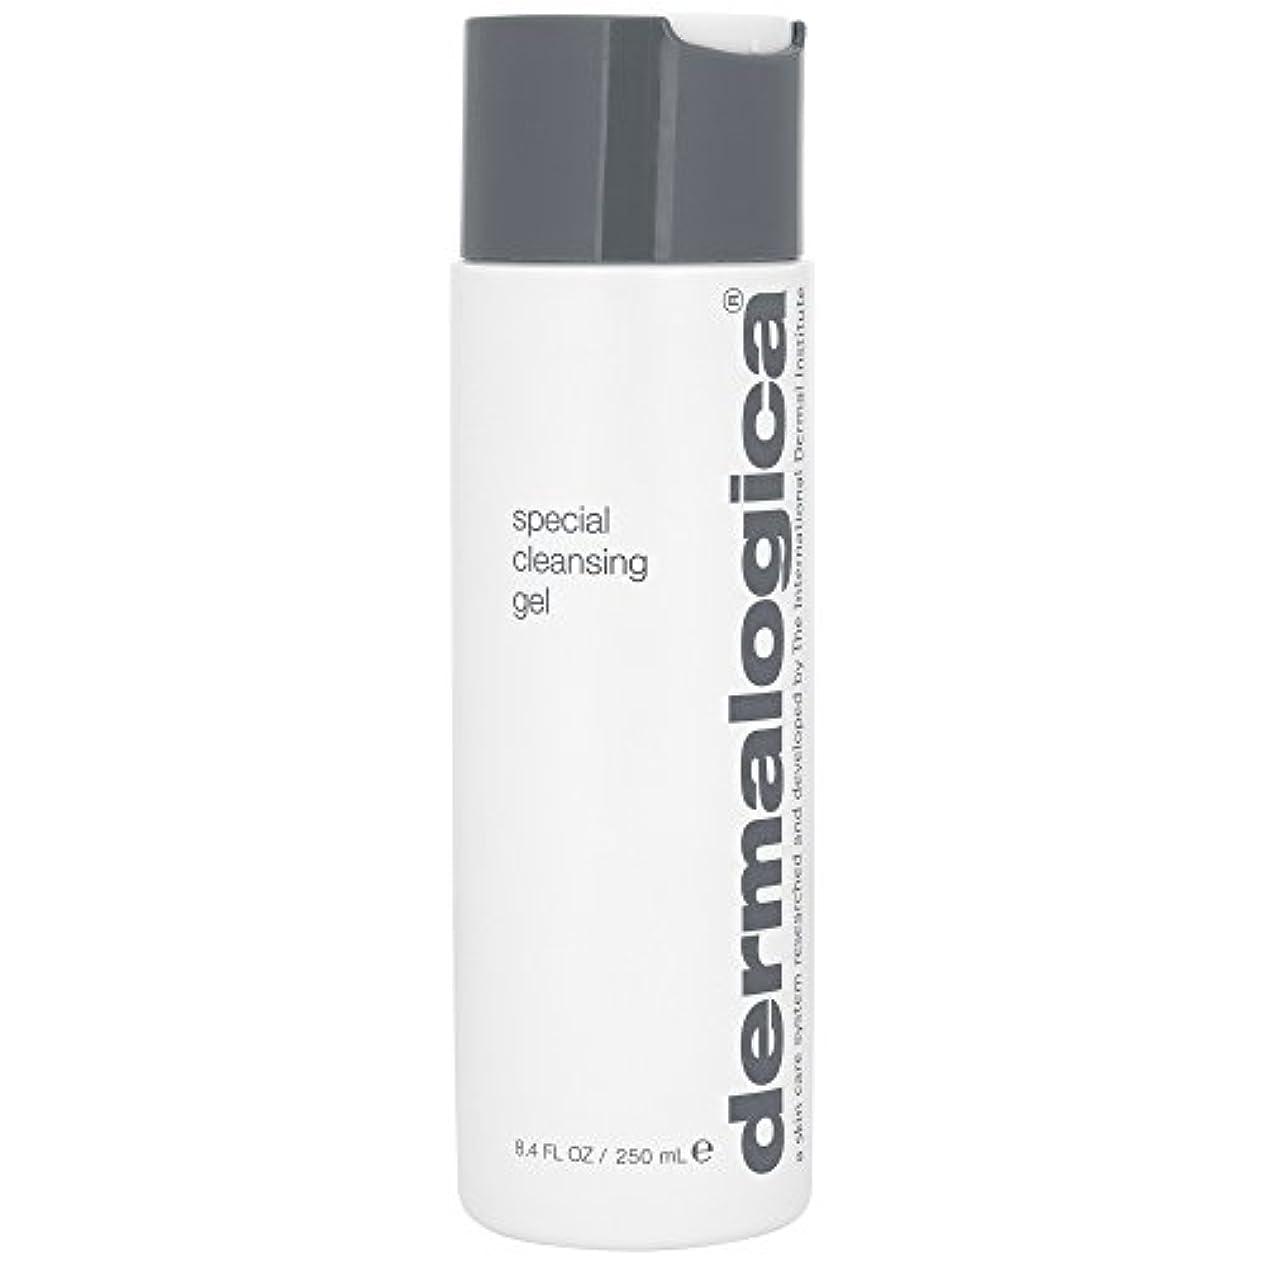 無許可レバー袋ダーマロジカ特別なクレンジングゲル250ミリリットル (Dermalogica) (x2) - Dermalogica Special Cleansing Gel 250ml (Pack of 2) [並行輸入品]